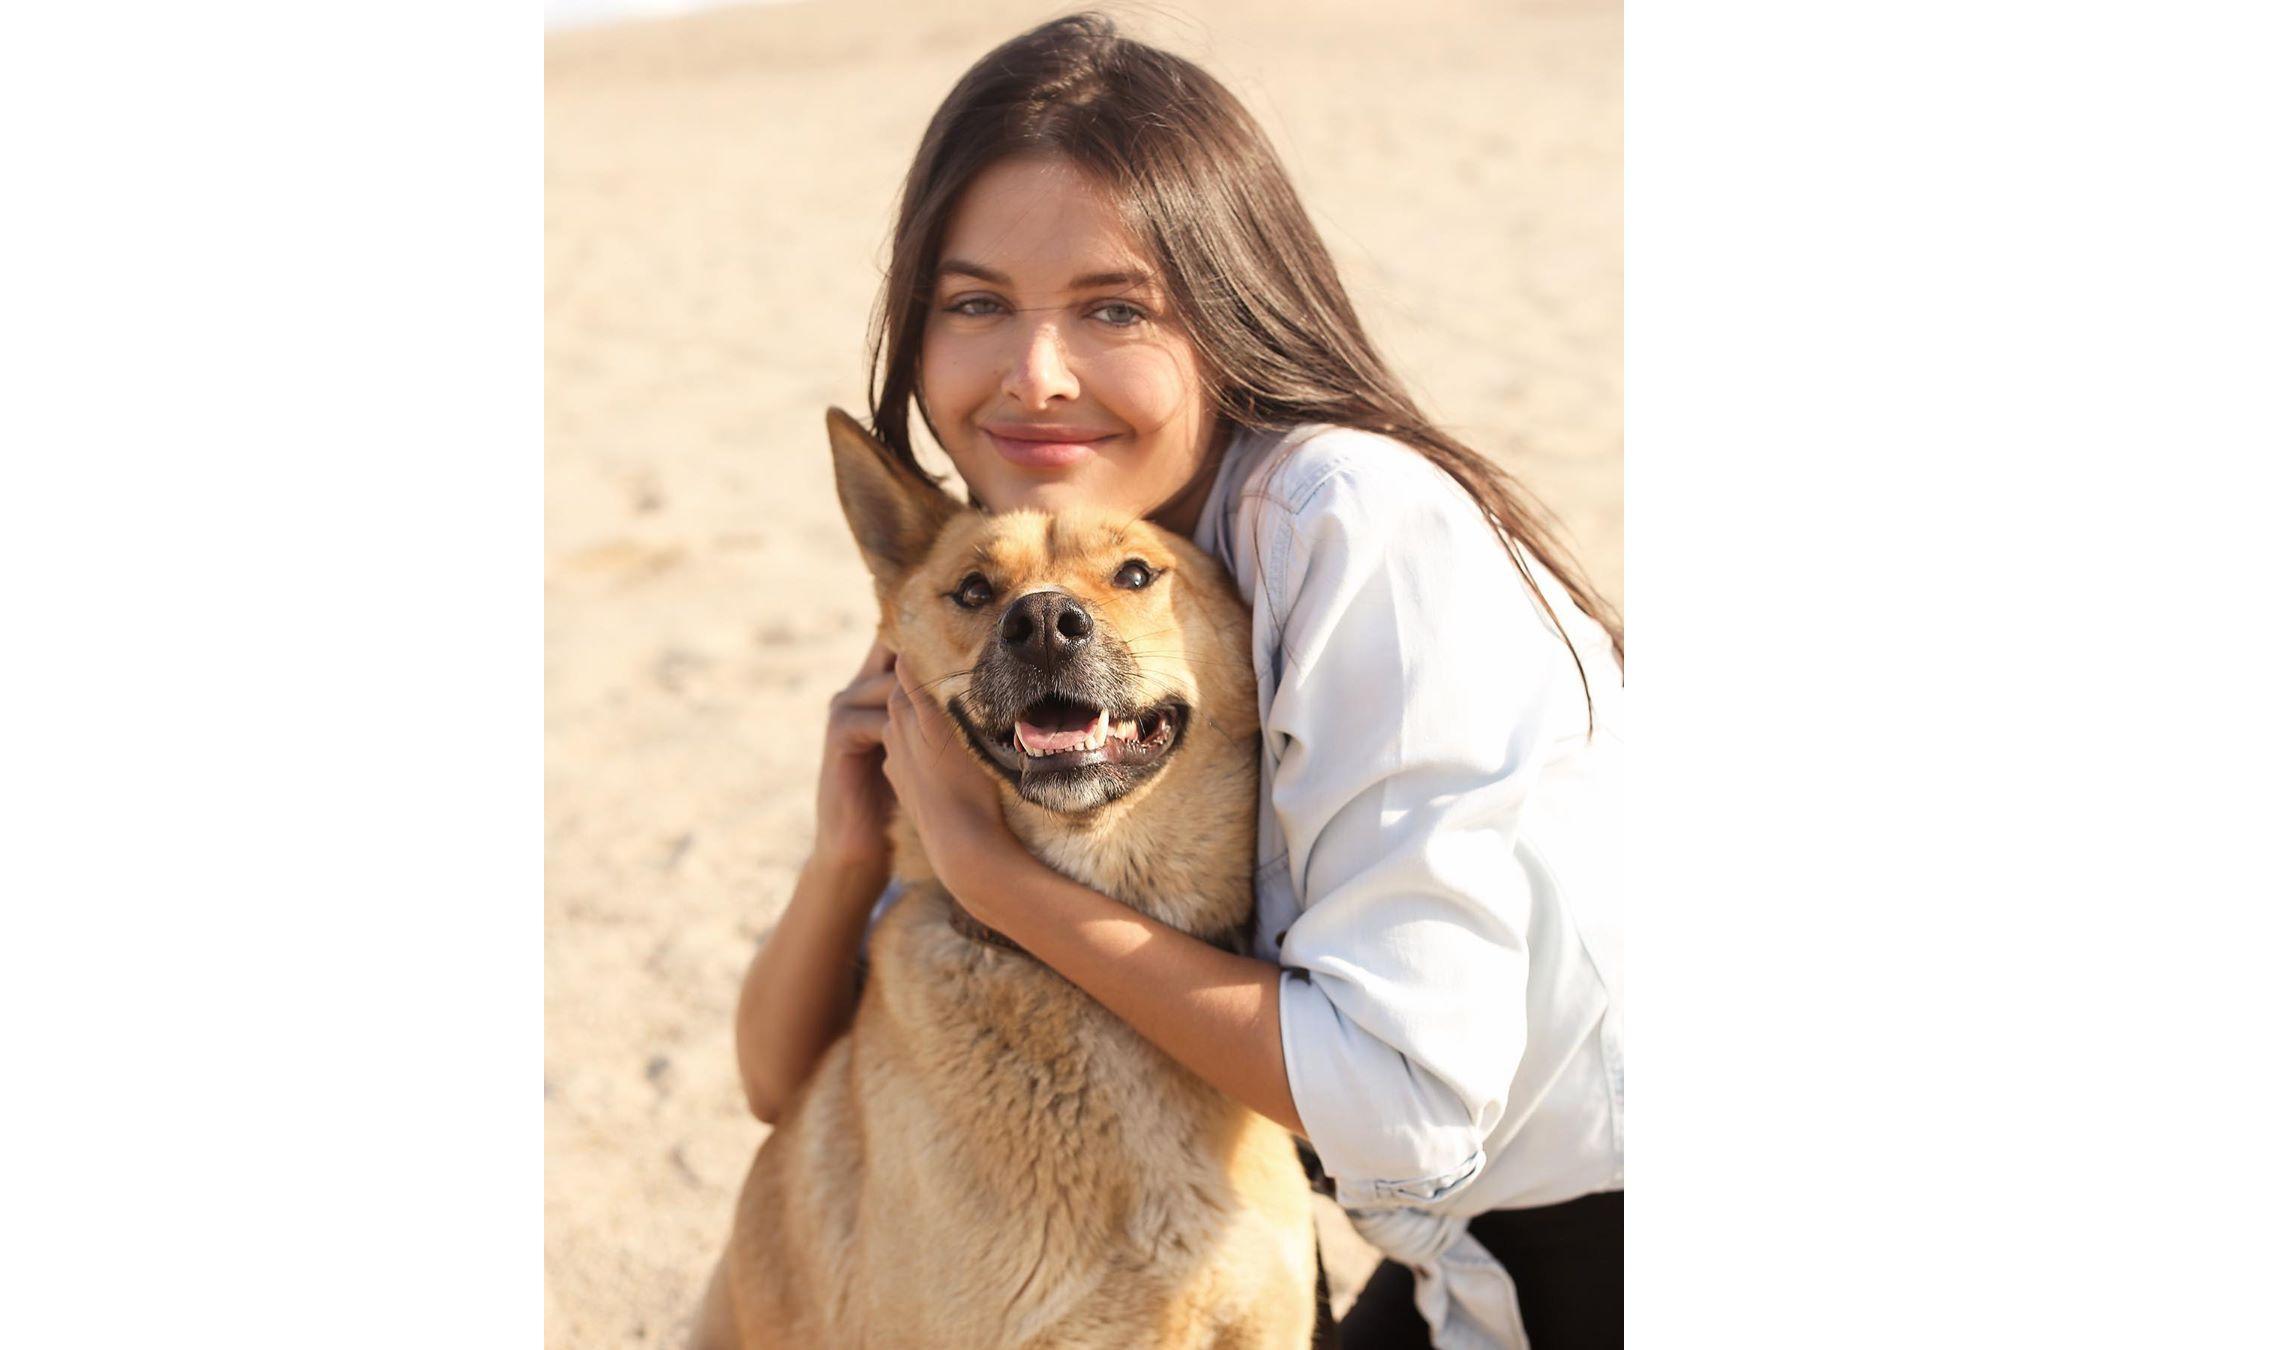 Участница «ВИА Гры» решила помочь собакам из ярославского приюта найти новых хозяев